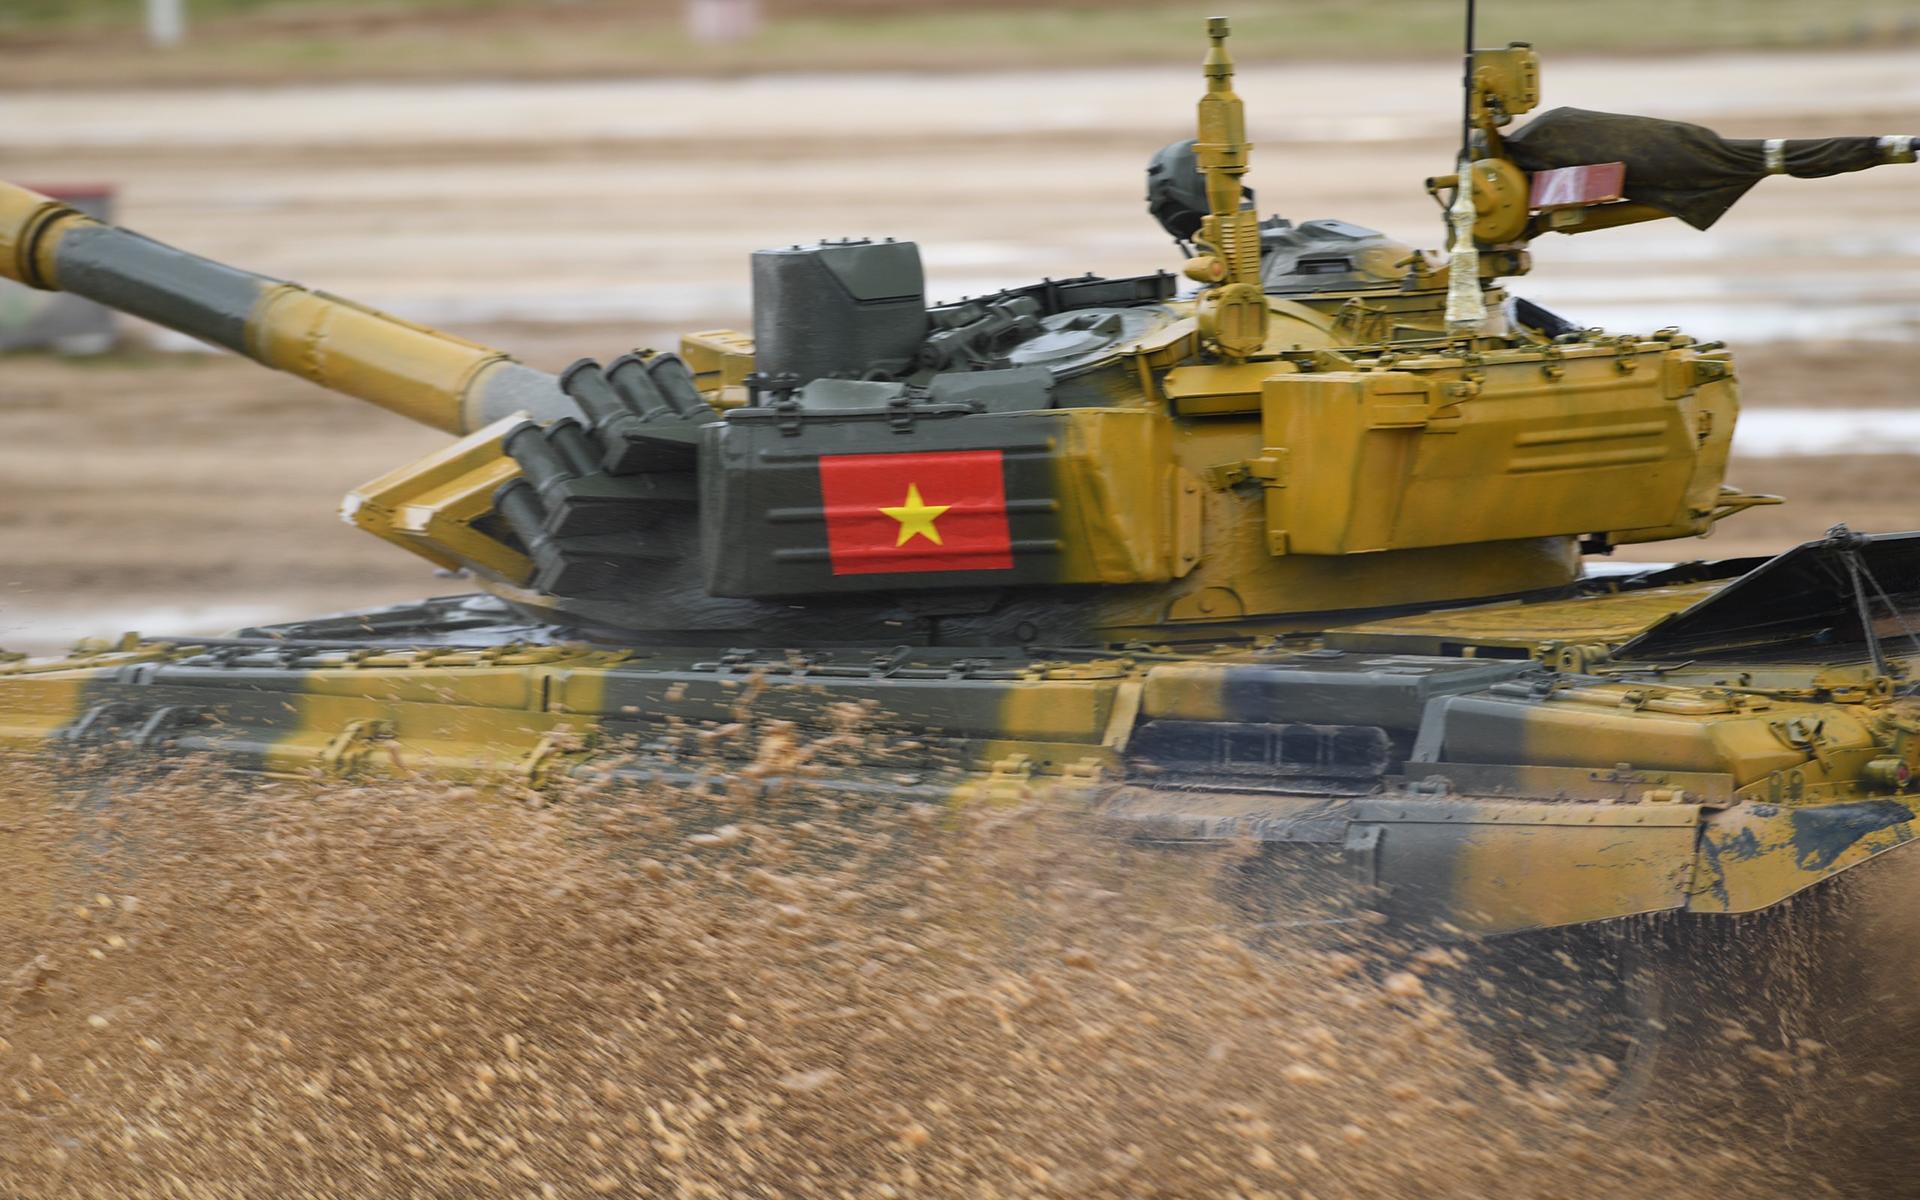 Army Games 2020: Hình ảnh thi đấu của Kíp xe số 3 Đội tuyển Xe tăng QĐND Việt Nam -8